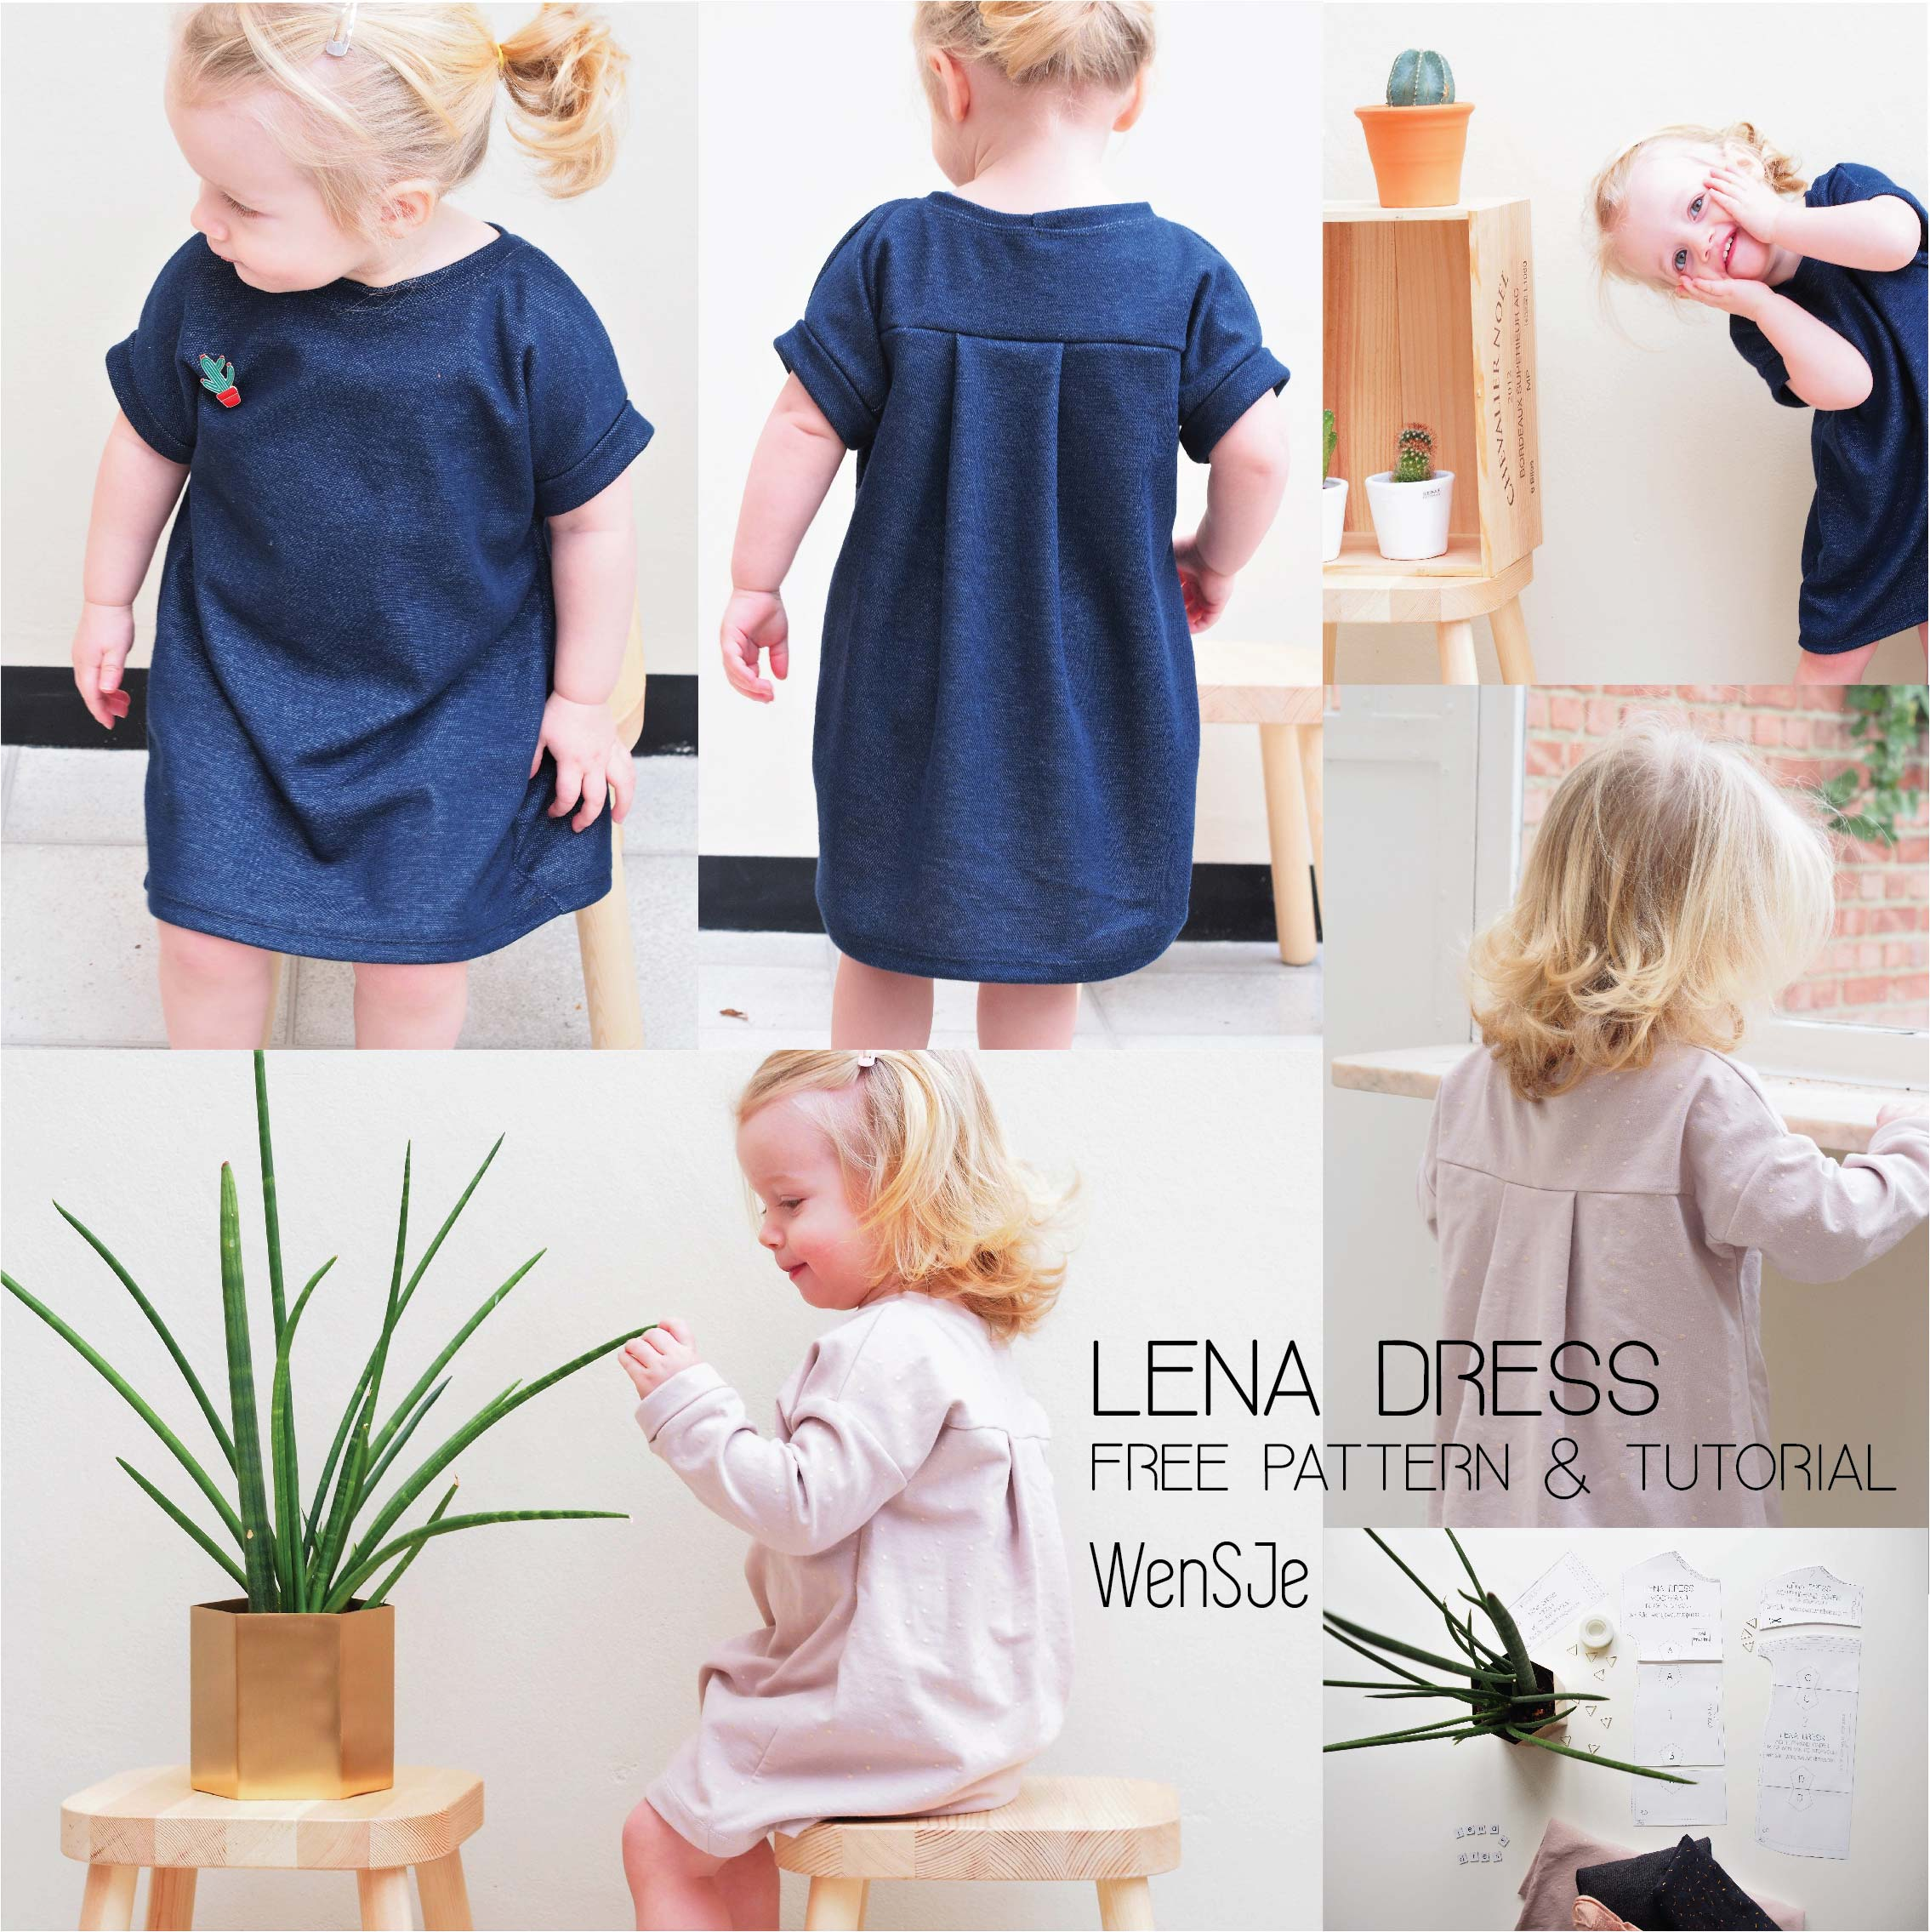 f85cbdf1d8b1f7 Lena dress gratis naaipatroon – free pattern & tutorial – WISJ Designs